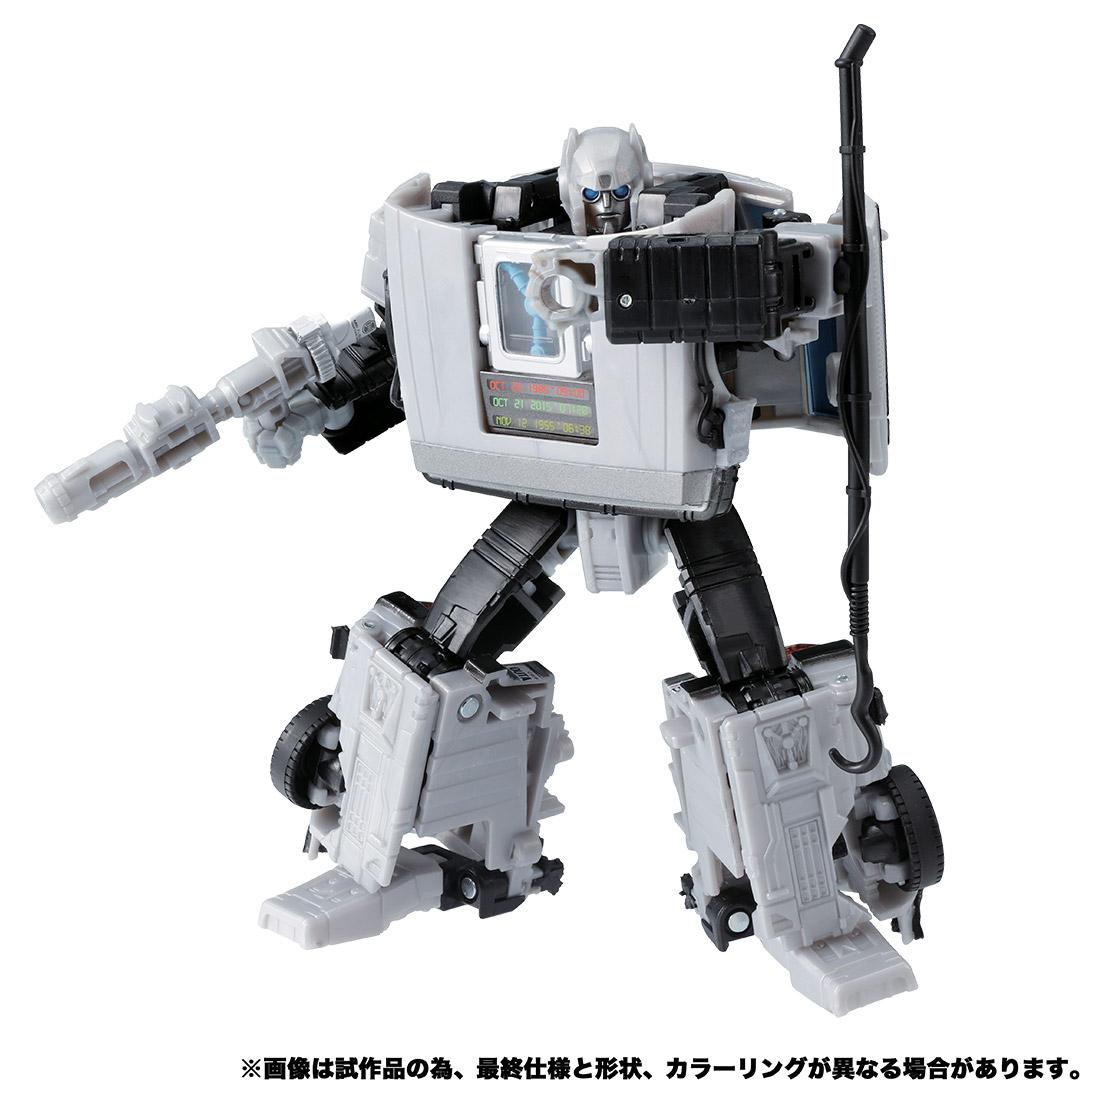 バック・トゥ・ザ・フューチャー35周年記念コラボ商品『トランスフォーマー GIGAWATT(ギガワット)』可変可動フィギュア-001